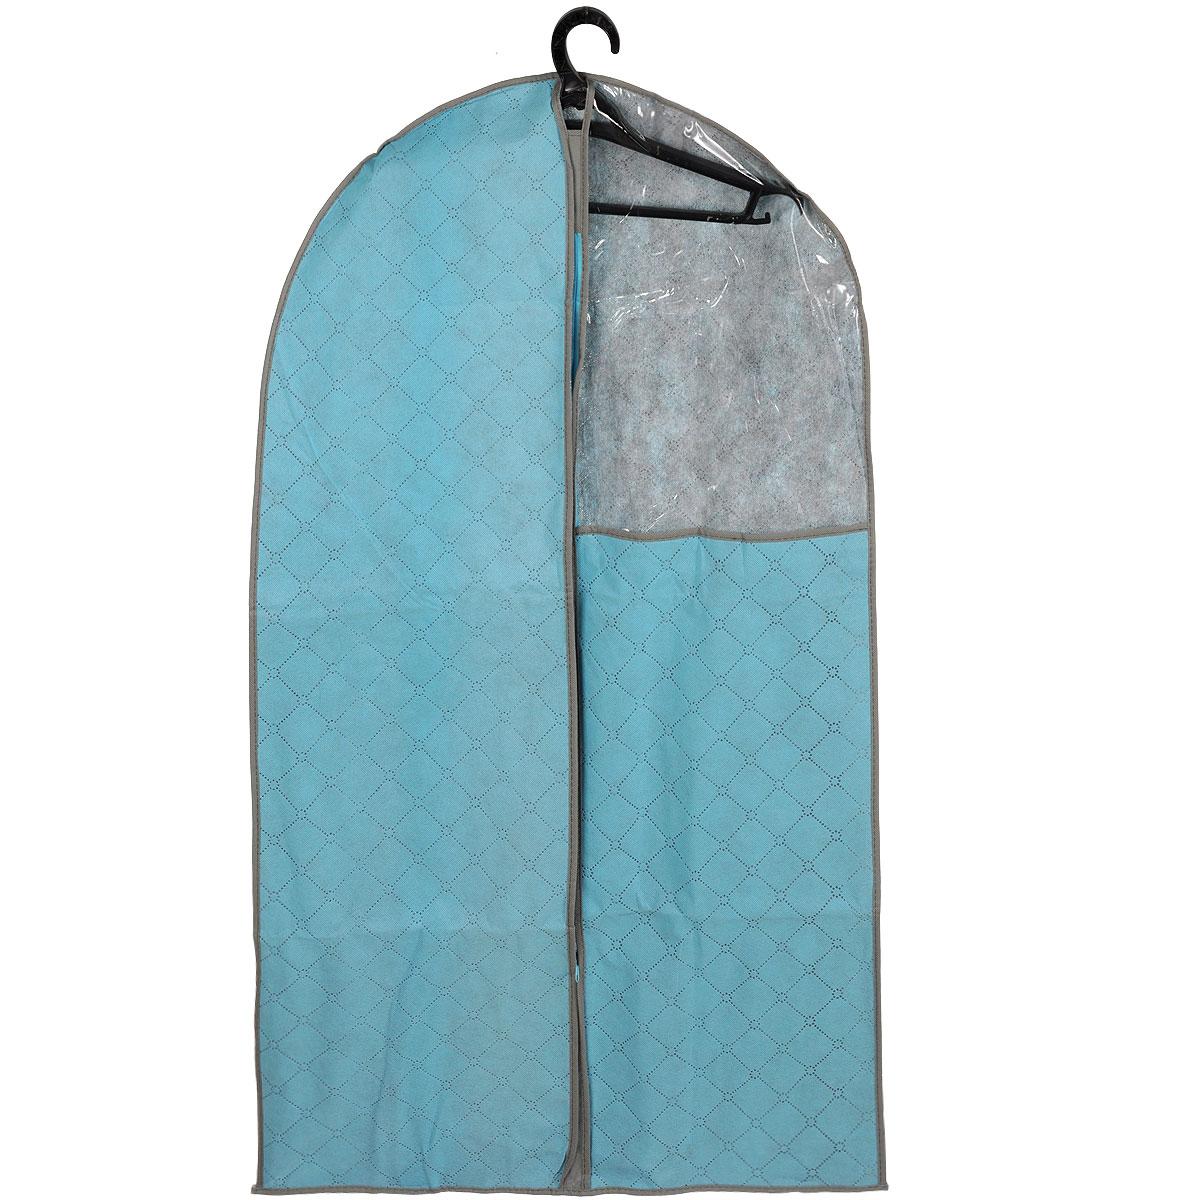 Чехол для одежды House & Holder, с прозрачной вставкой, цвет: голубой, 110 см х 60 смWF021-1Чехол для одежды House & Holder изготовлен из текстиля. Особое строение полотна создает естественную вентиляцию: материал дышит и позволяет воздуху свободно проникать внутрь чехла, не пропуская пыль. Благодаря форме чехла, одежда не мнется даже при длительном хранении. Застегивается на молнию. Специальная вставка из пластика позволяет увидеть, какие вещи находятся внутри. Чехол для одежды будет очень полезен при транспортировке вещей на близкие и дальние расстояния, при длительном хранении сезонной одежды, а также при ежедневном хранении вещей из деликатных тканей. Чехол для одежды House & Holder не только защитит ваши вещи от пыли и влаги, но и поможет доставить одежду на любое мероприятие в идеальном состоянии.